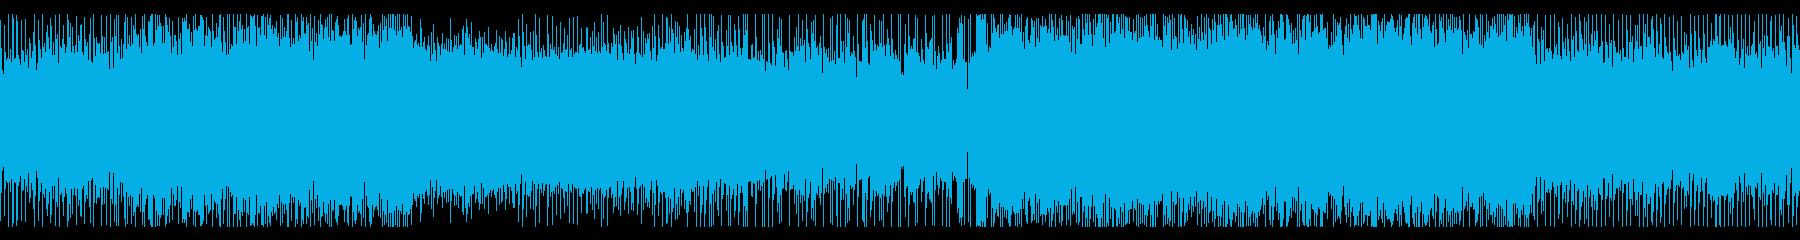 ピアノ/EDM/ゲーム・映像等のBGMにの再生済みの波形